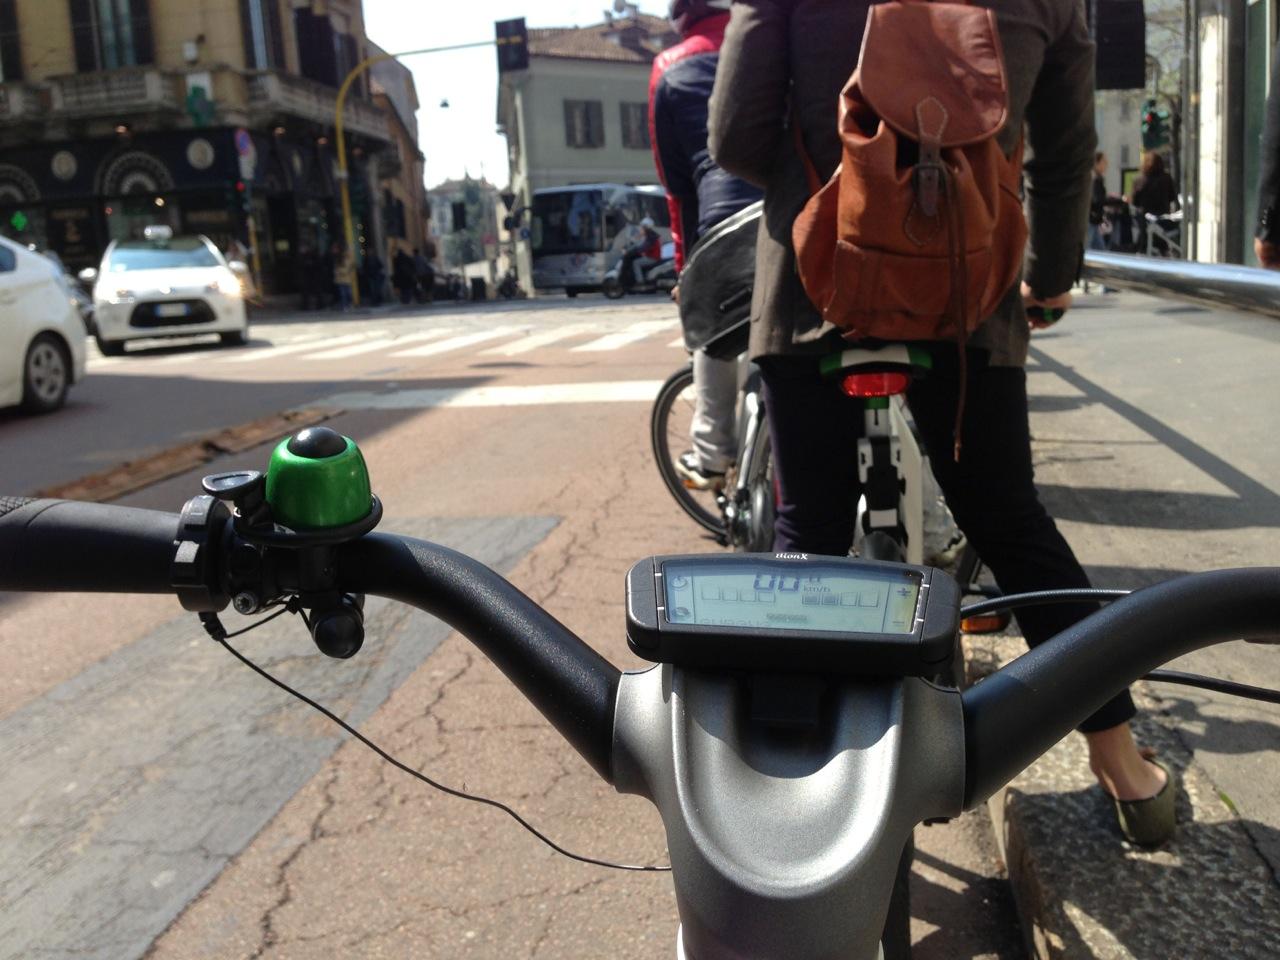 Smart ebike - Salone del Mobile 2013